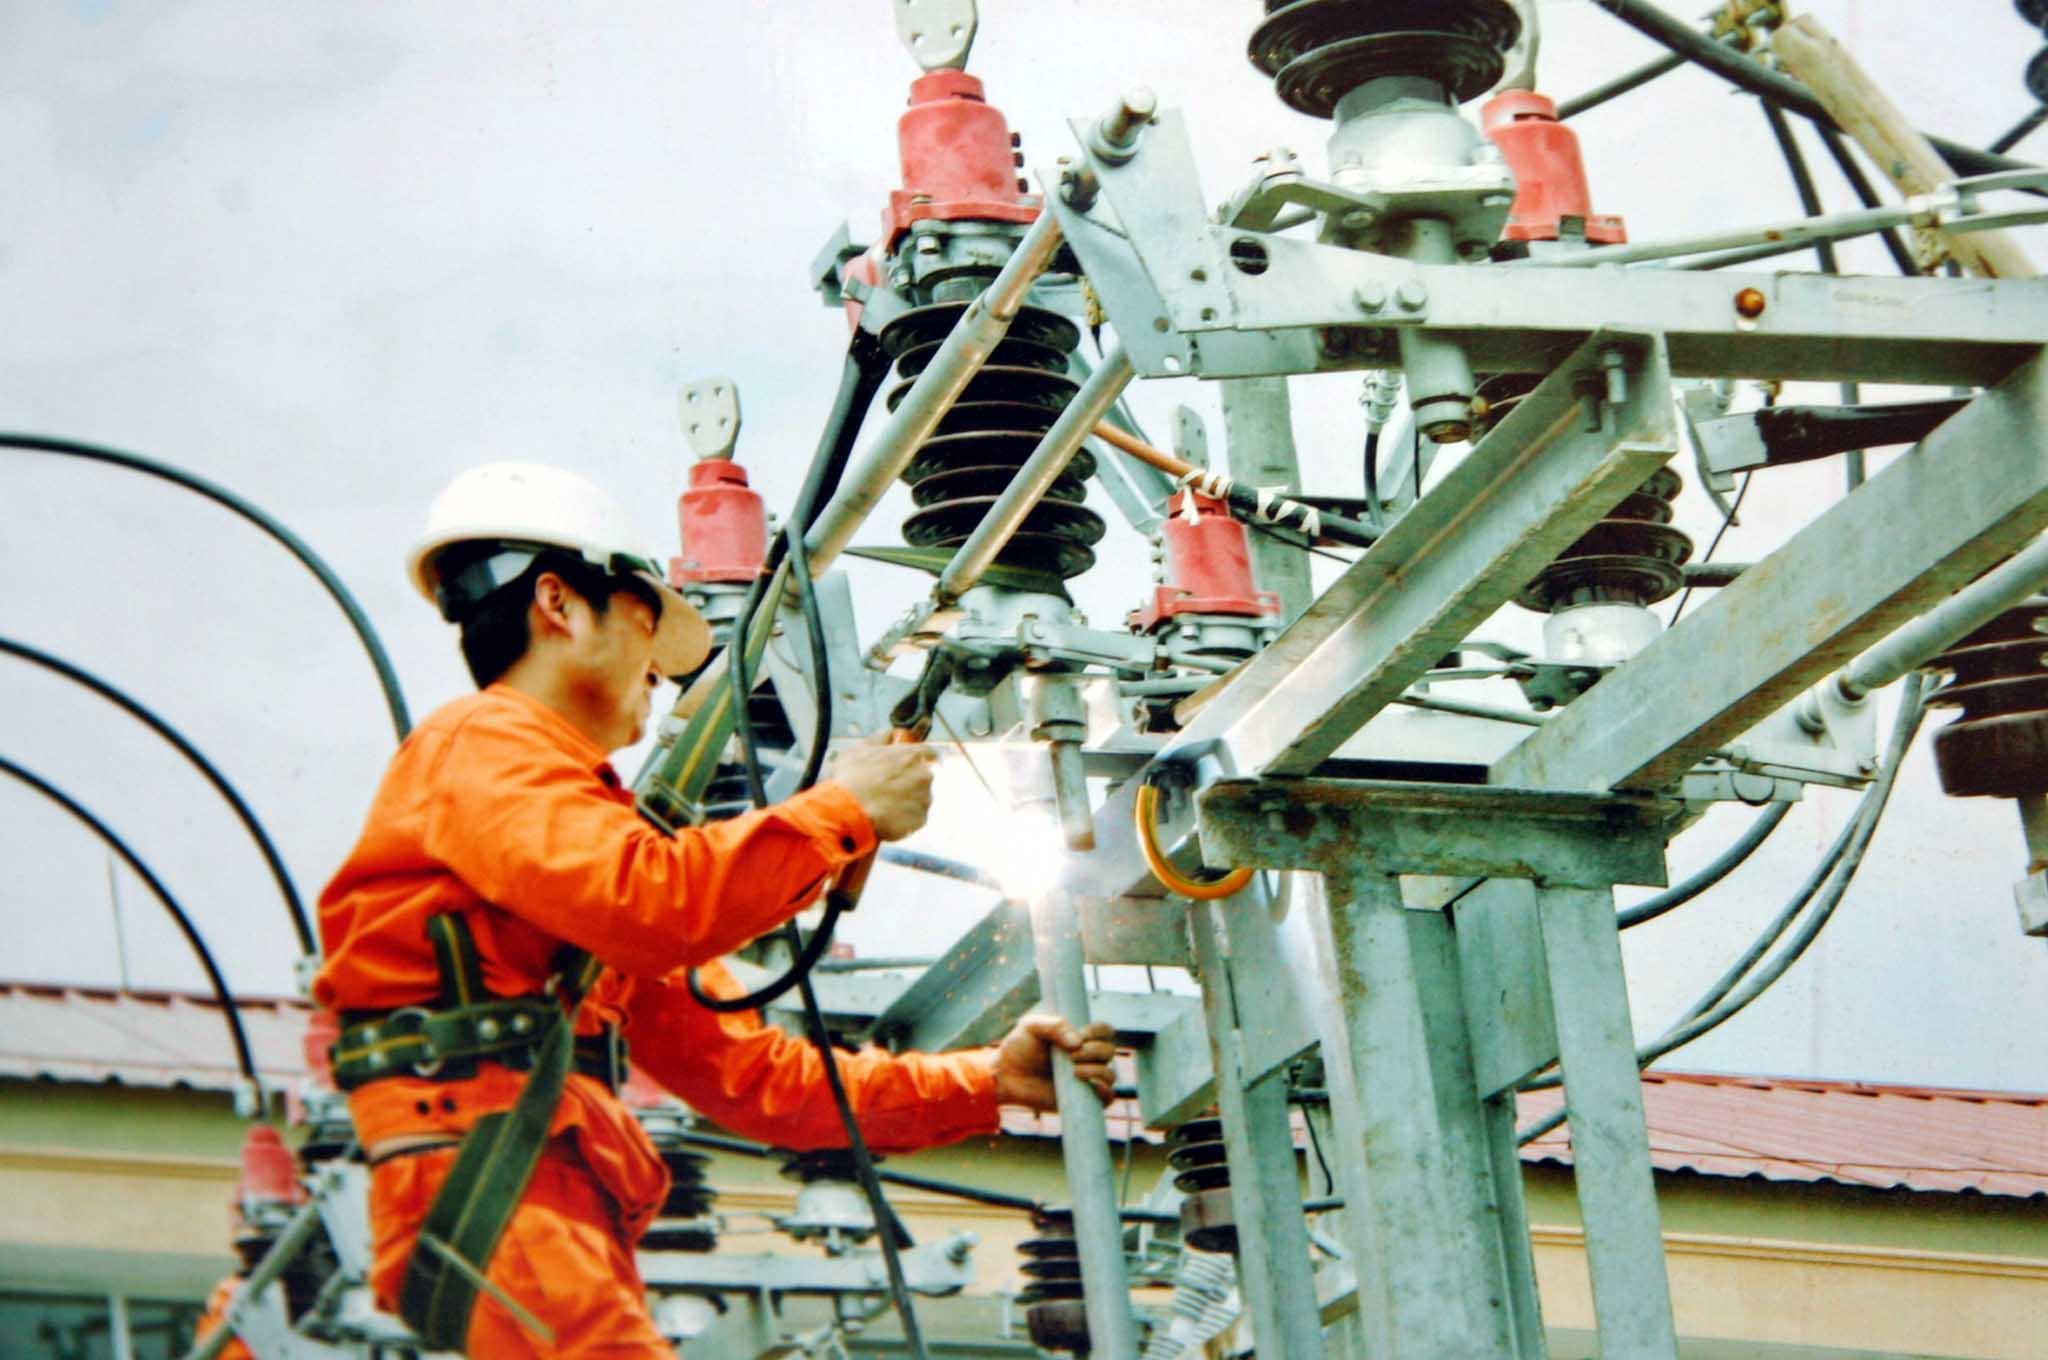 Cục Điều tiết điện lực: mất điện chỉ do… nắng nóng